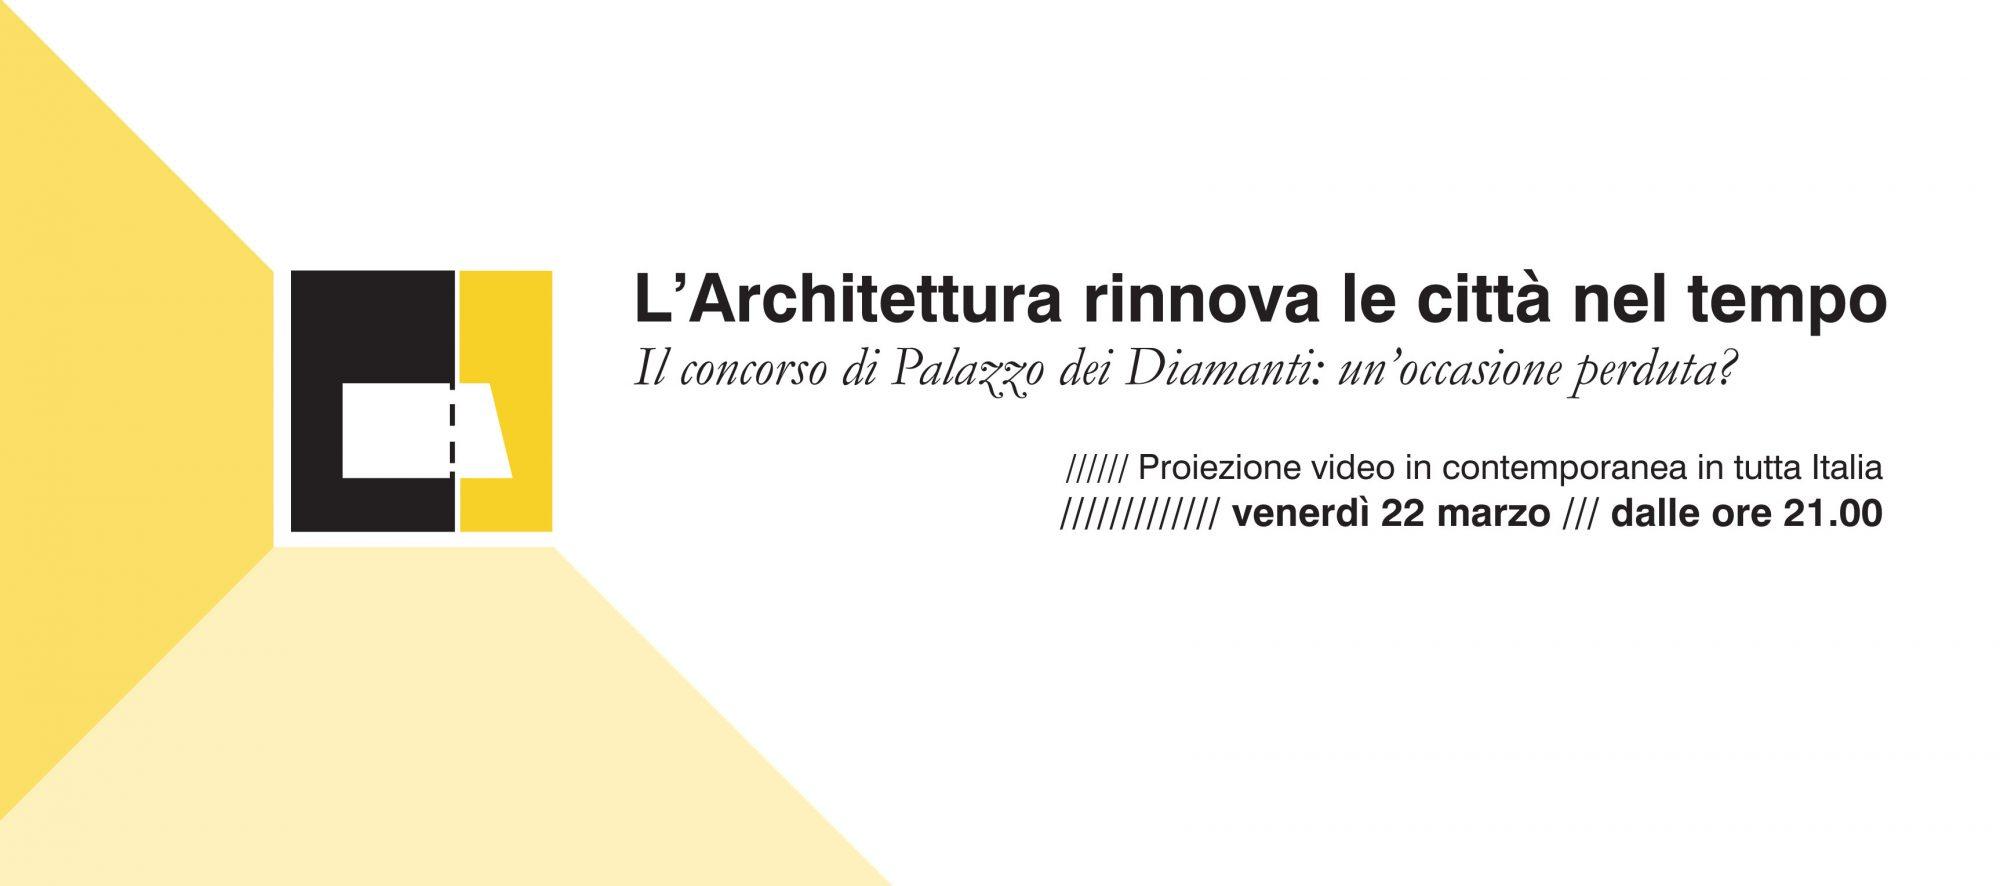 Ordine Architetti Brescia Lavoro l'architettura rinnova le città nel tempo - ordine degli